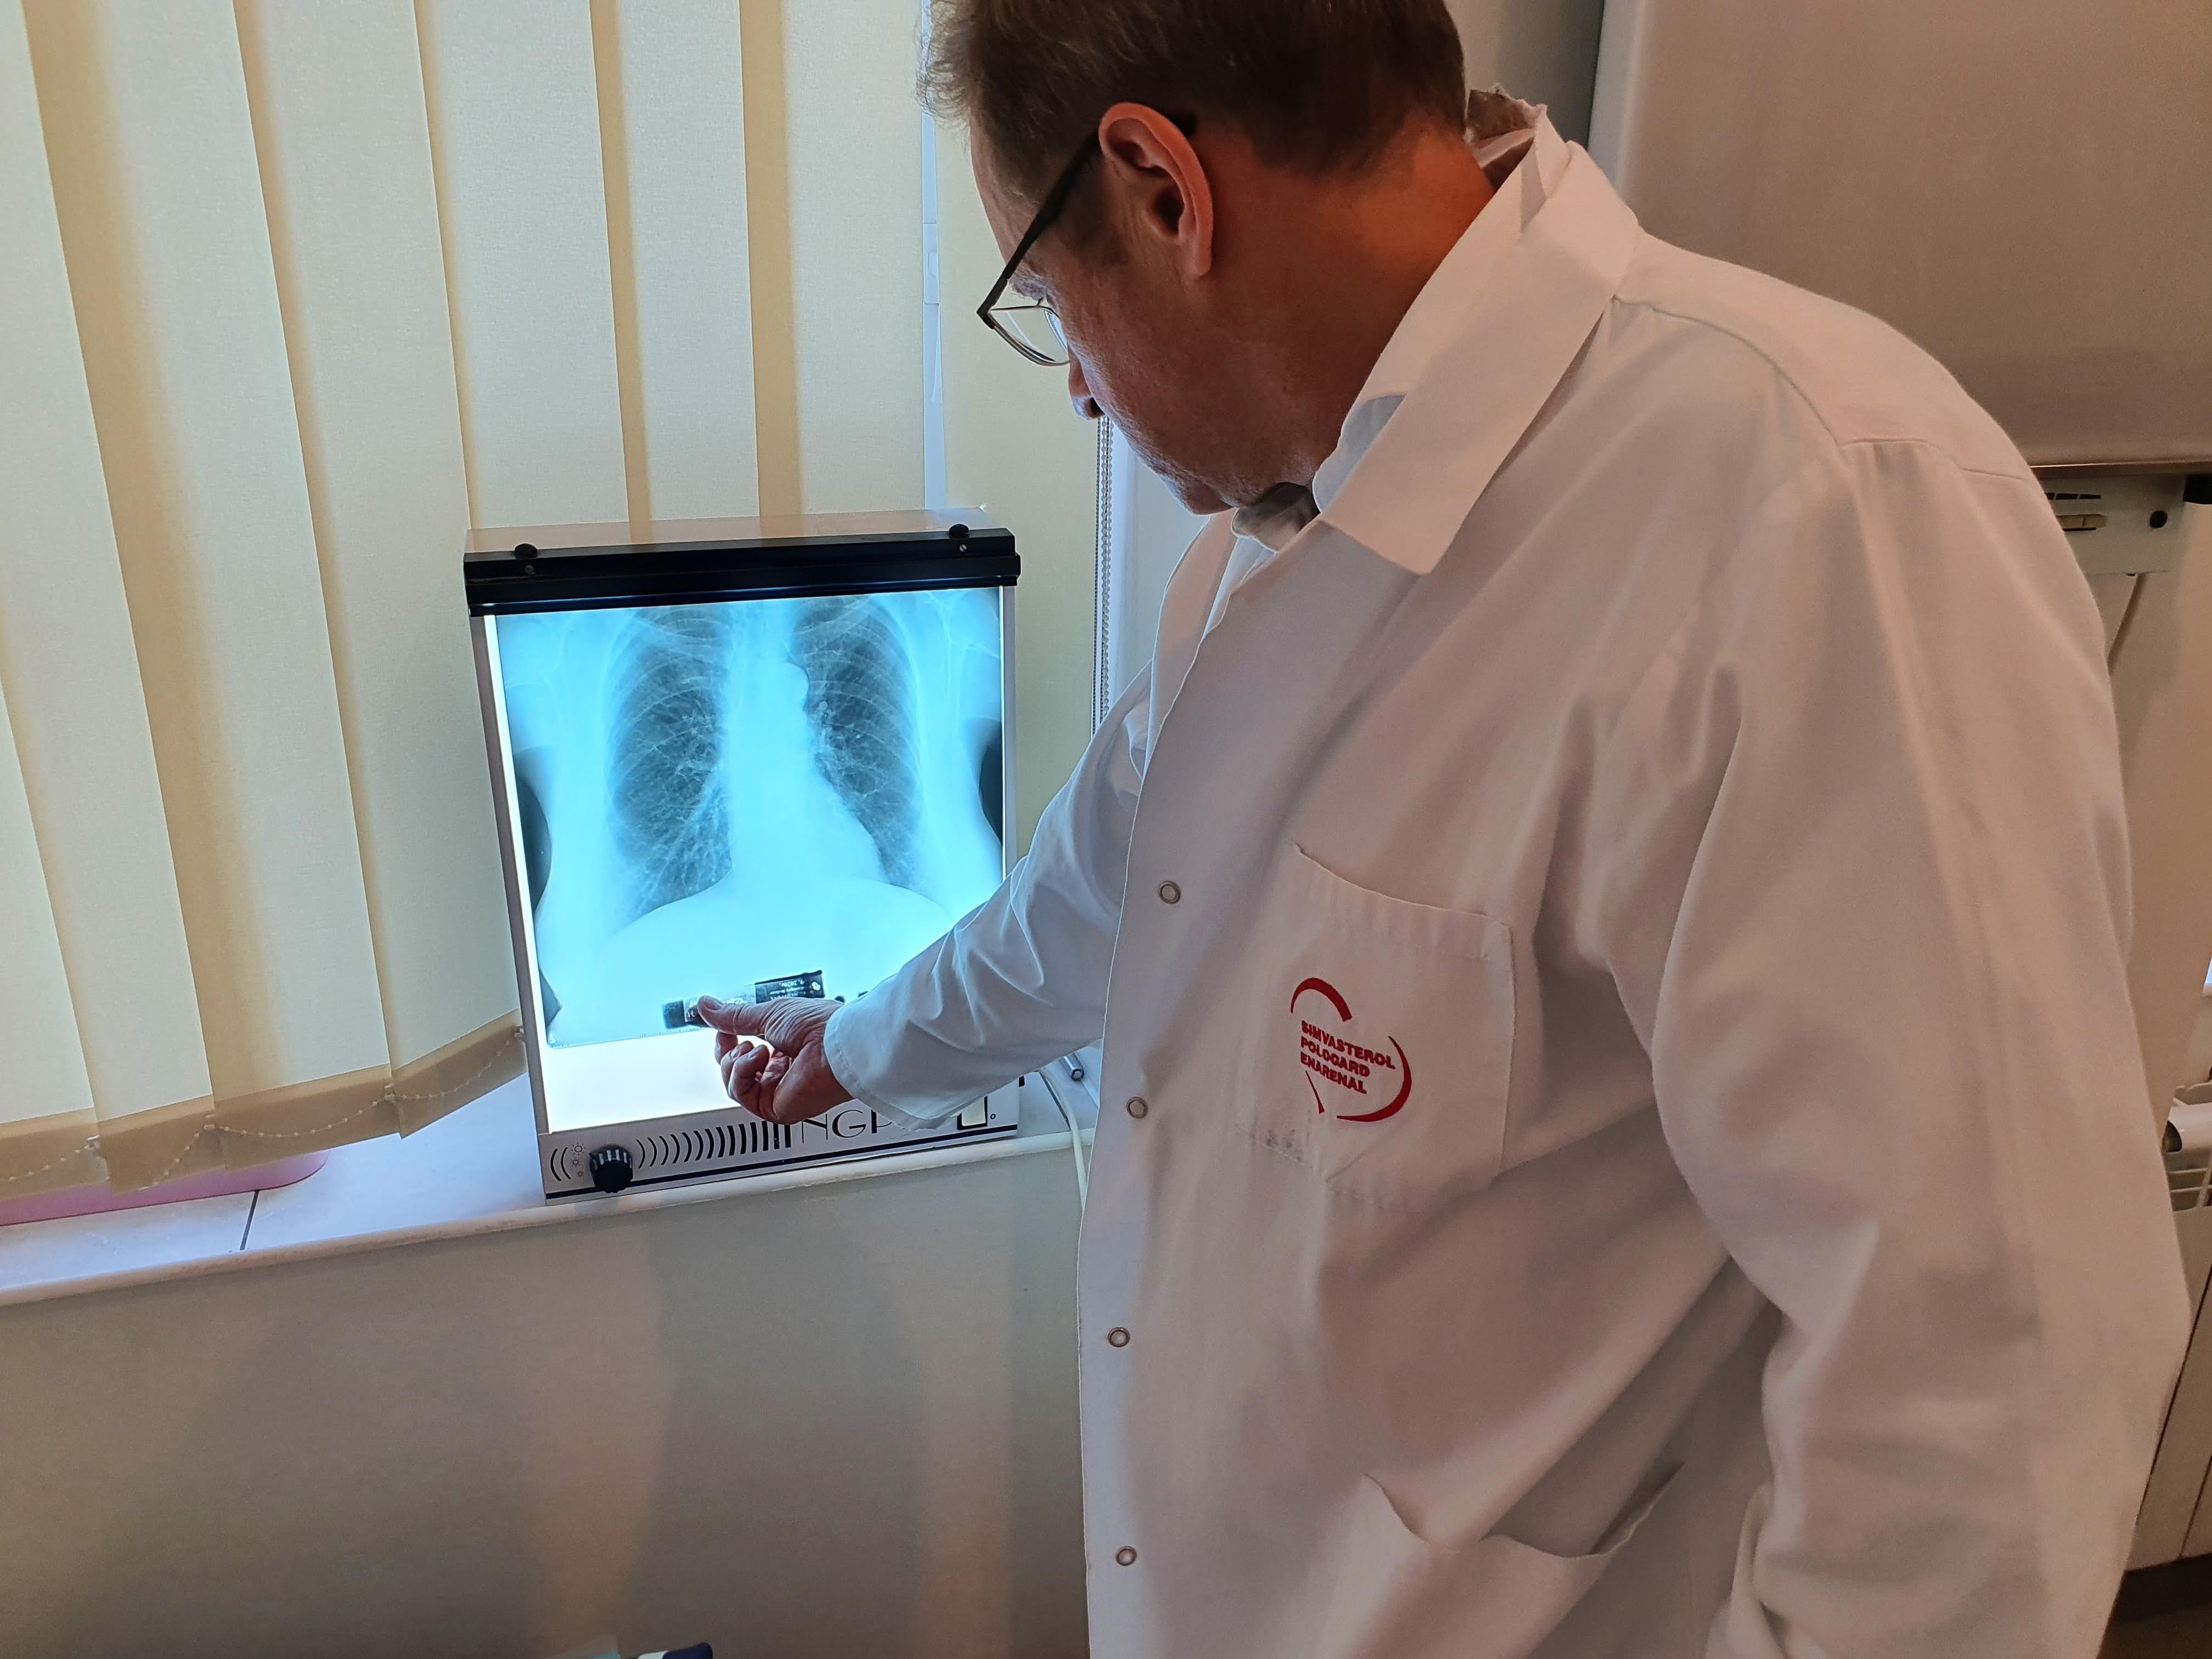 Niemcy posłuchali dr Bodnara! Będą produkować amantadynę w postaci wziewnej i donosowej?! - Zdjęcie główne